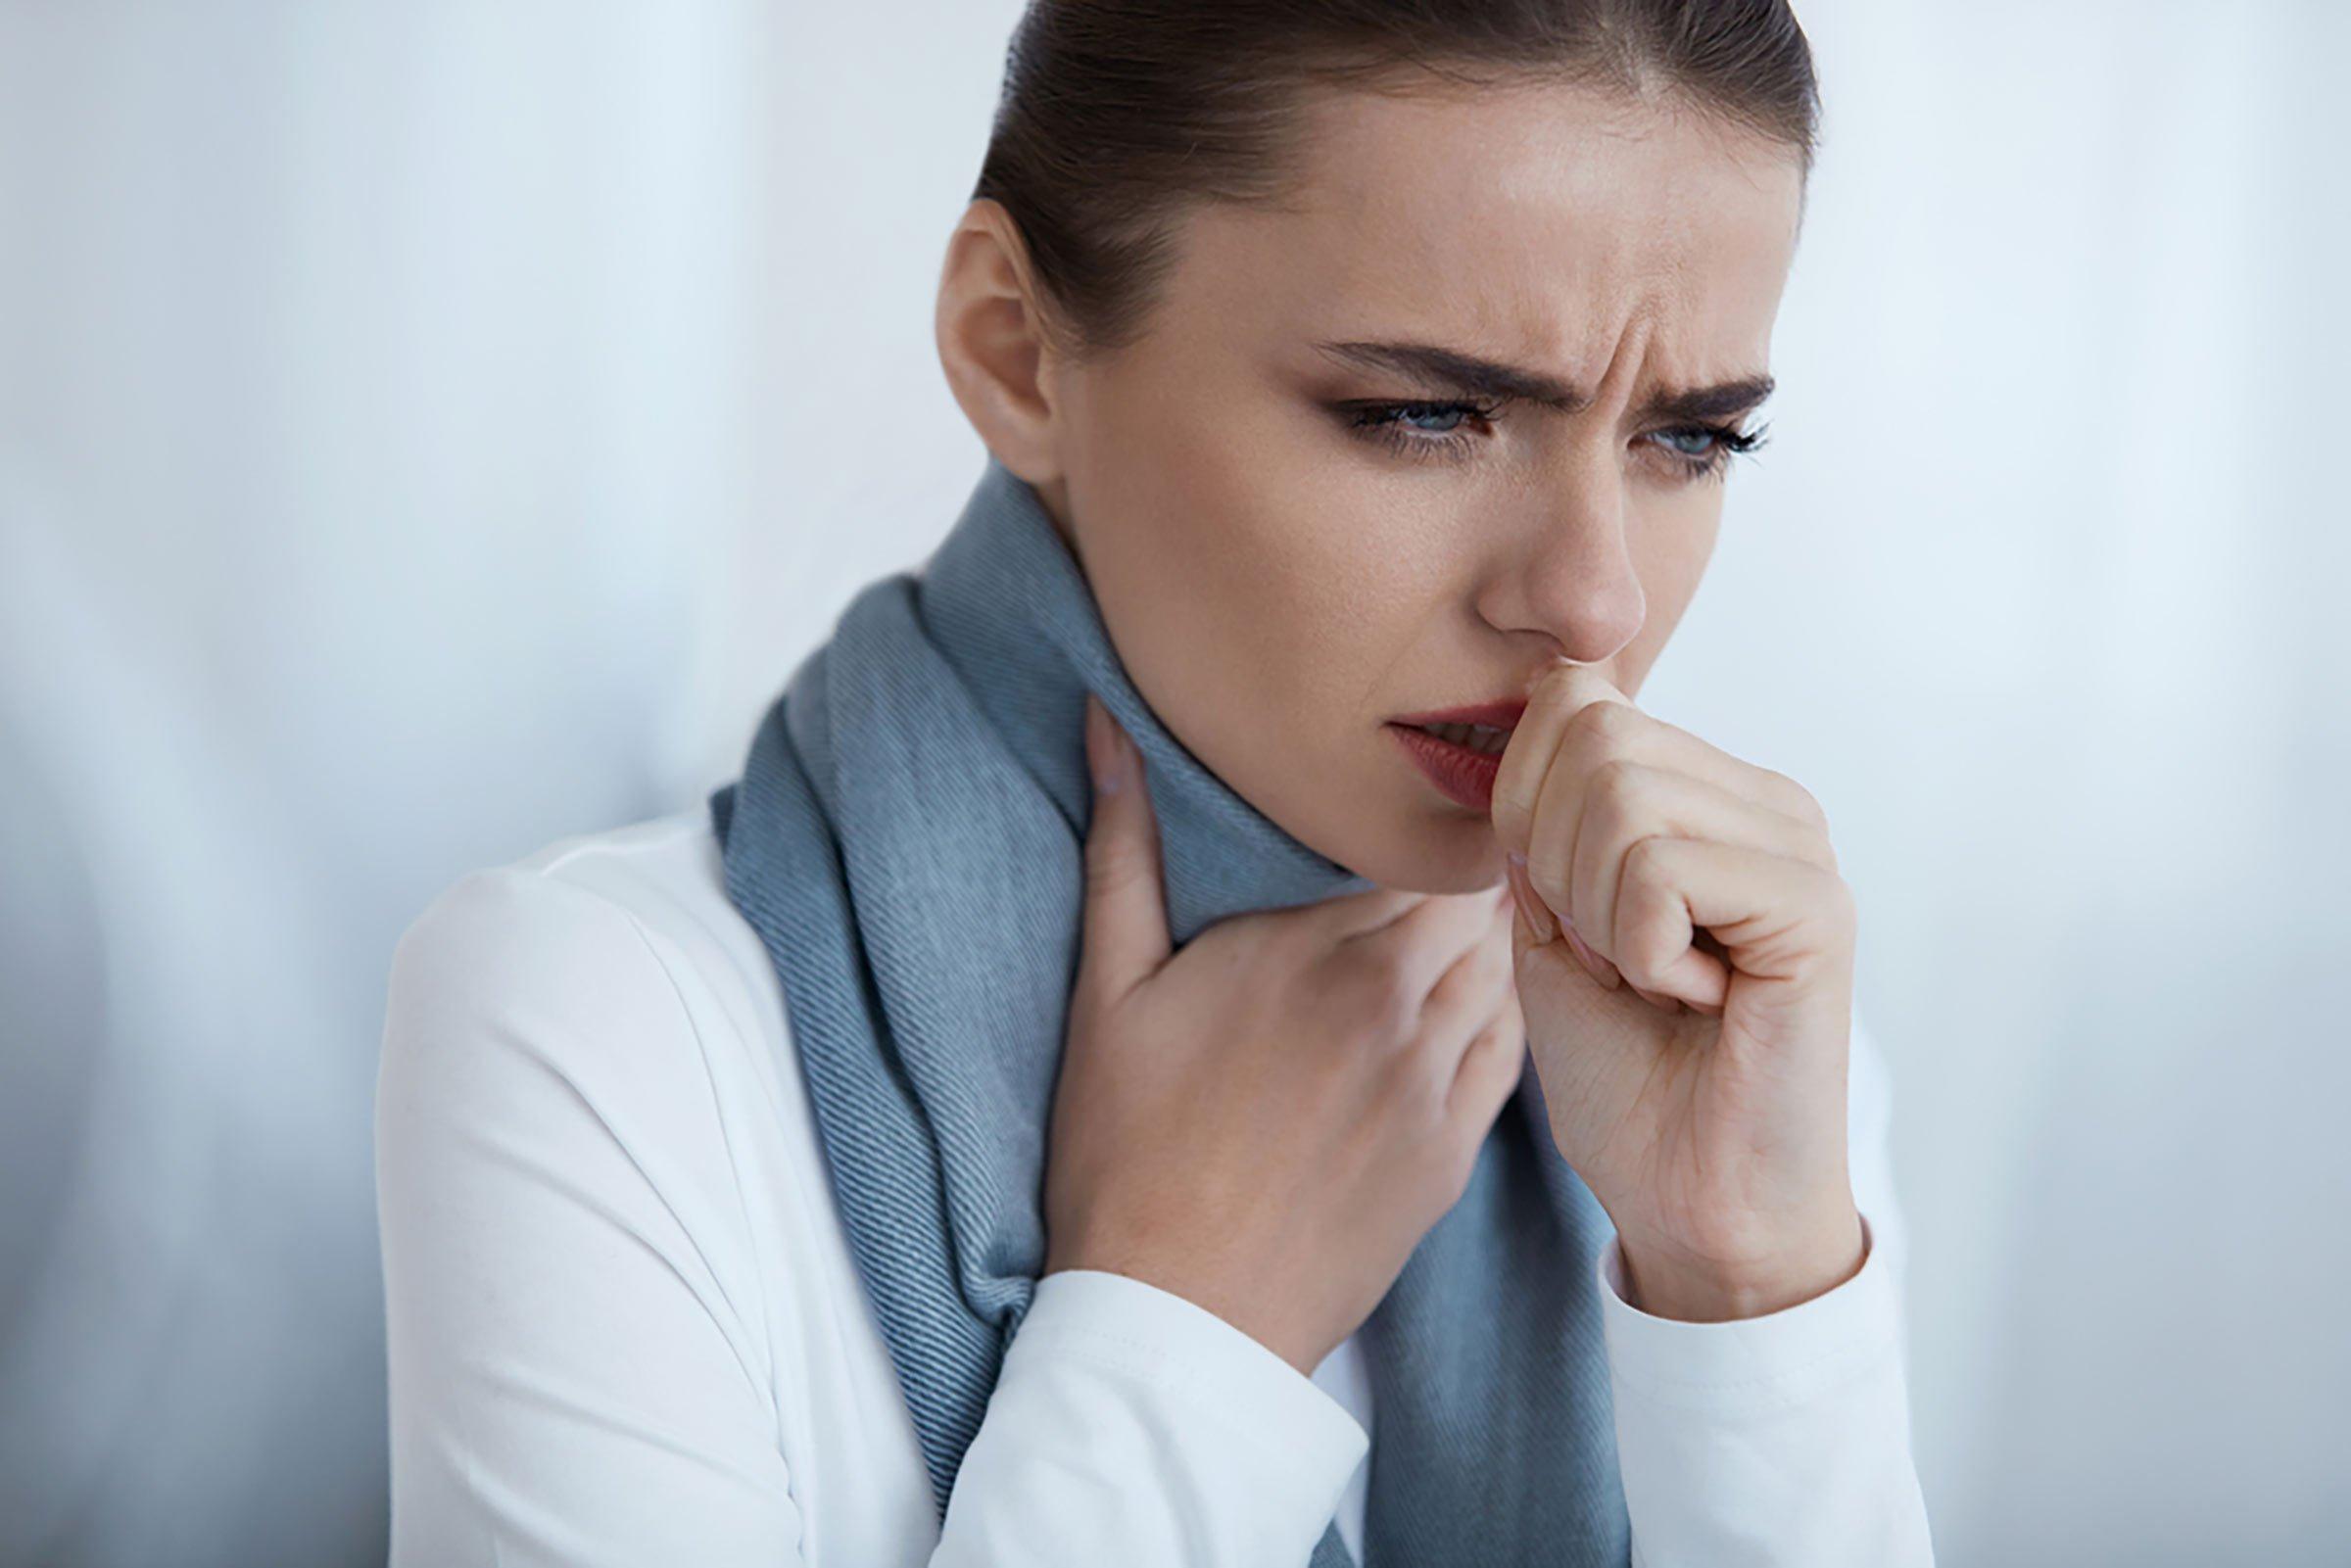 Rimedi naturali per la tosse in gravidanza: i più efficaci